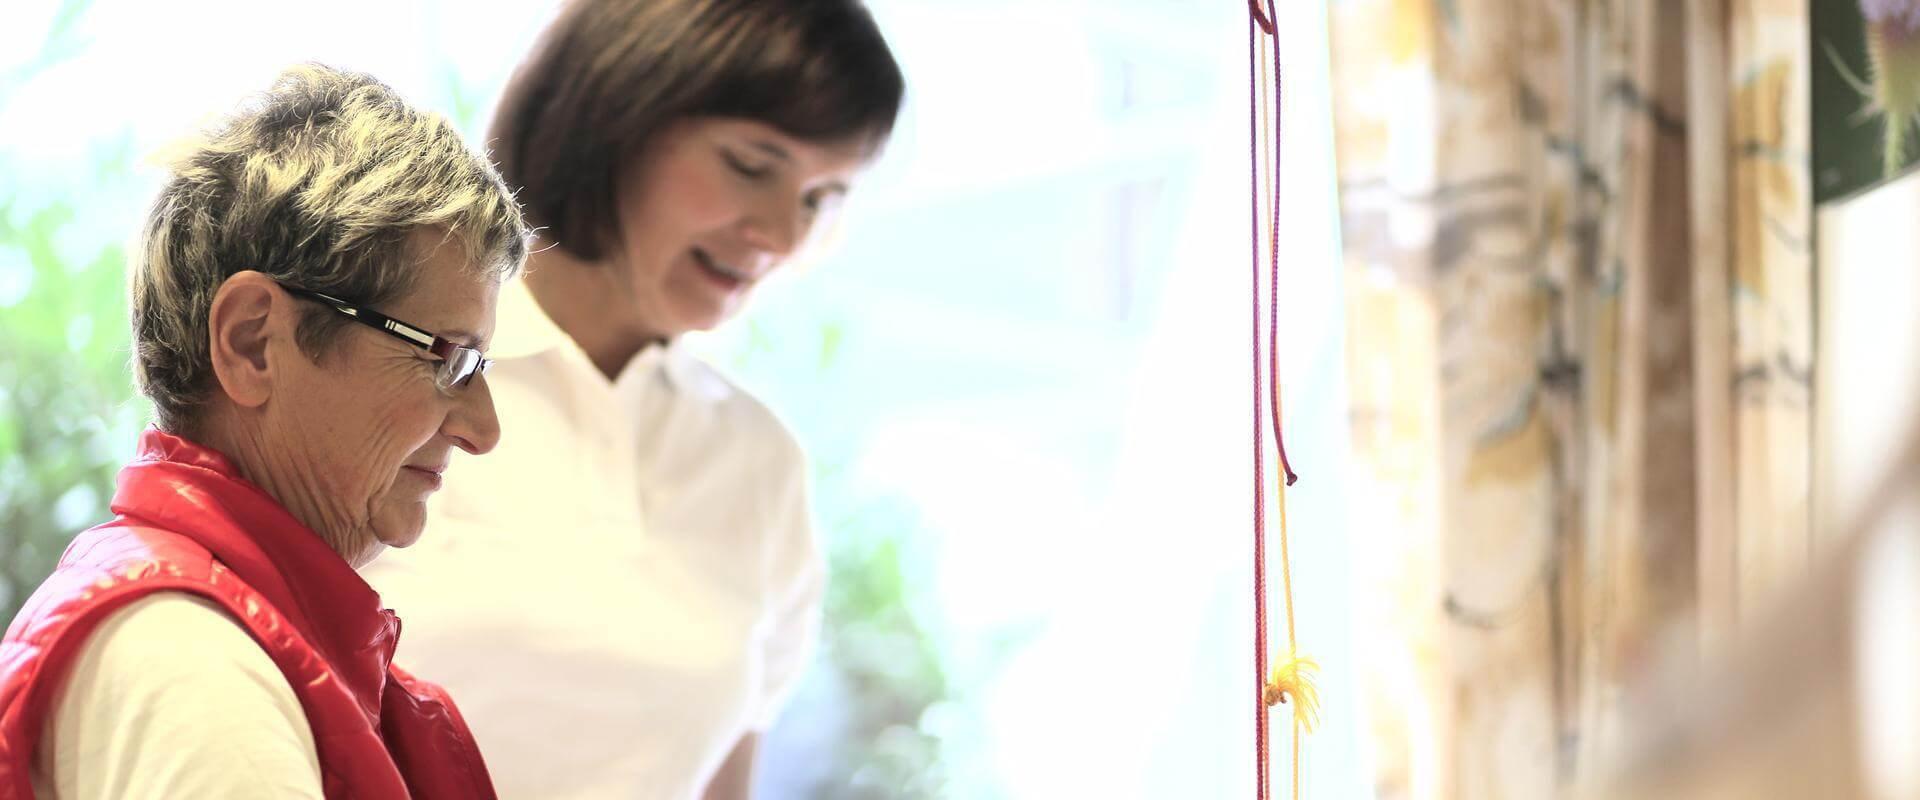 Patientin und Therapeutin in der MEDIAN Saale Klinik Bad Kösen Klinik I